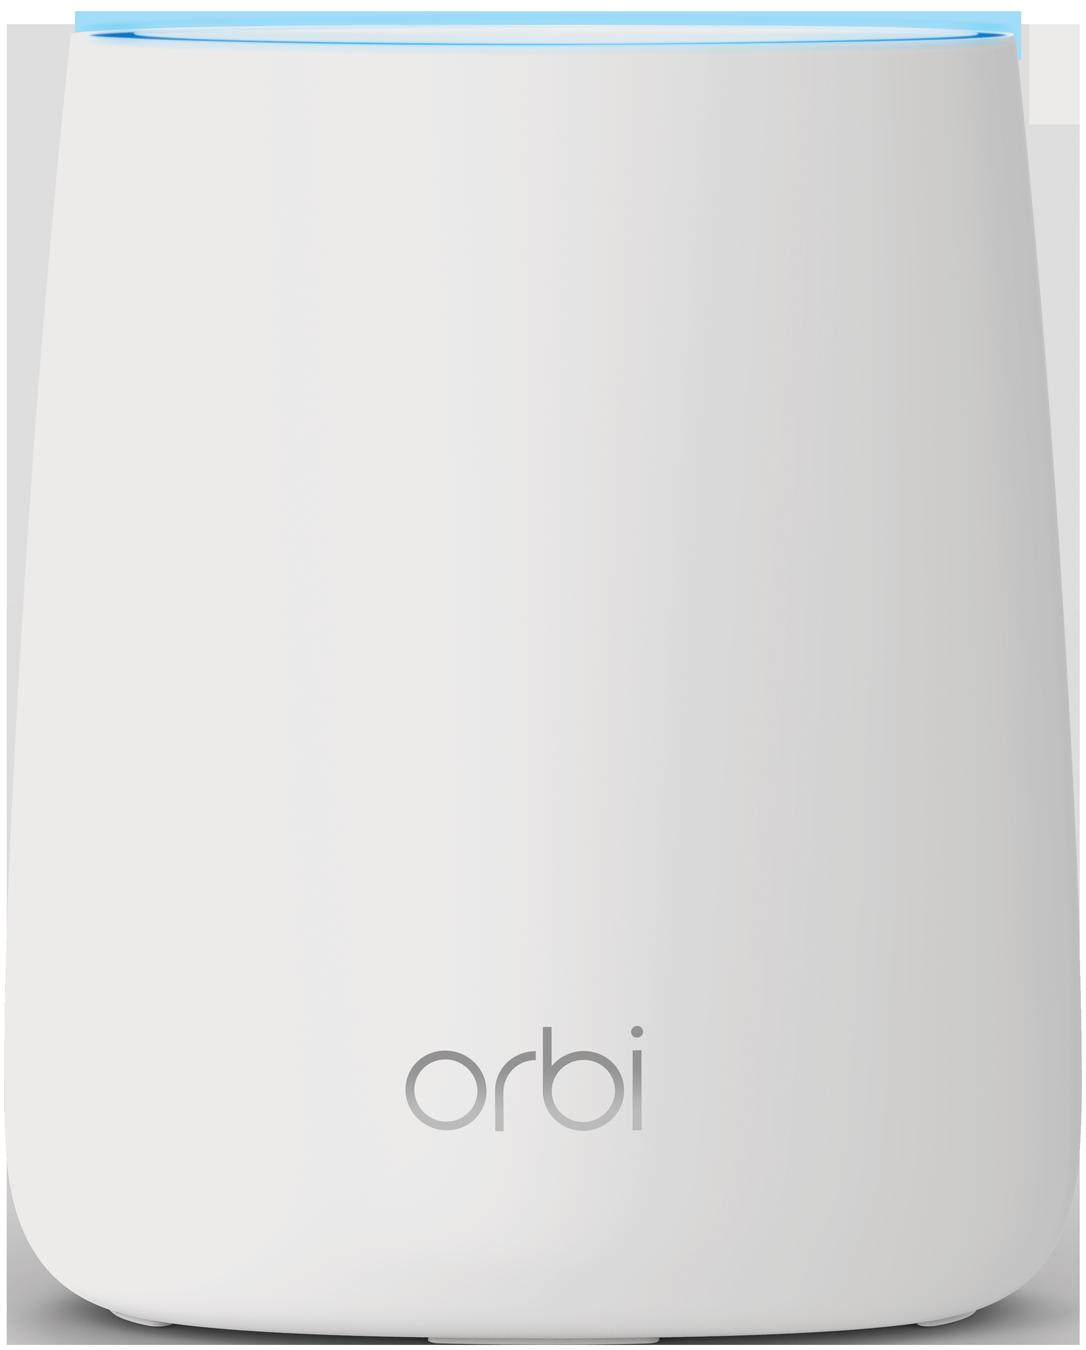 支持Mesh WiFi的单体Orbi问世 无线分布式路由实现多种组合